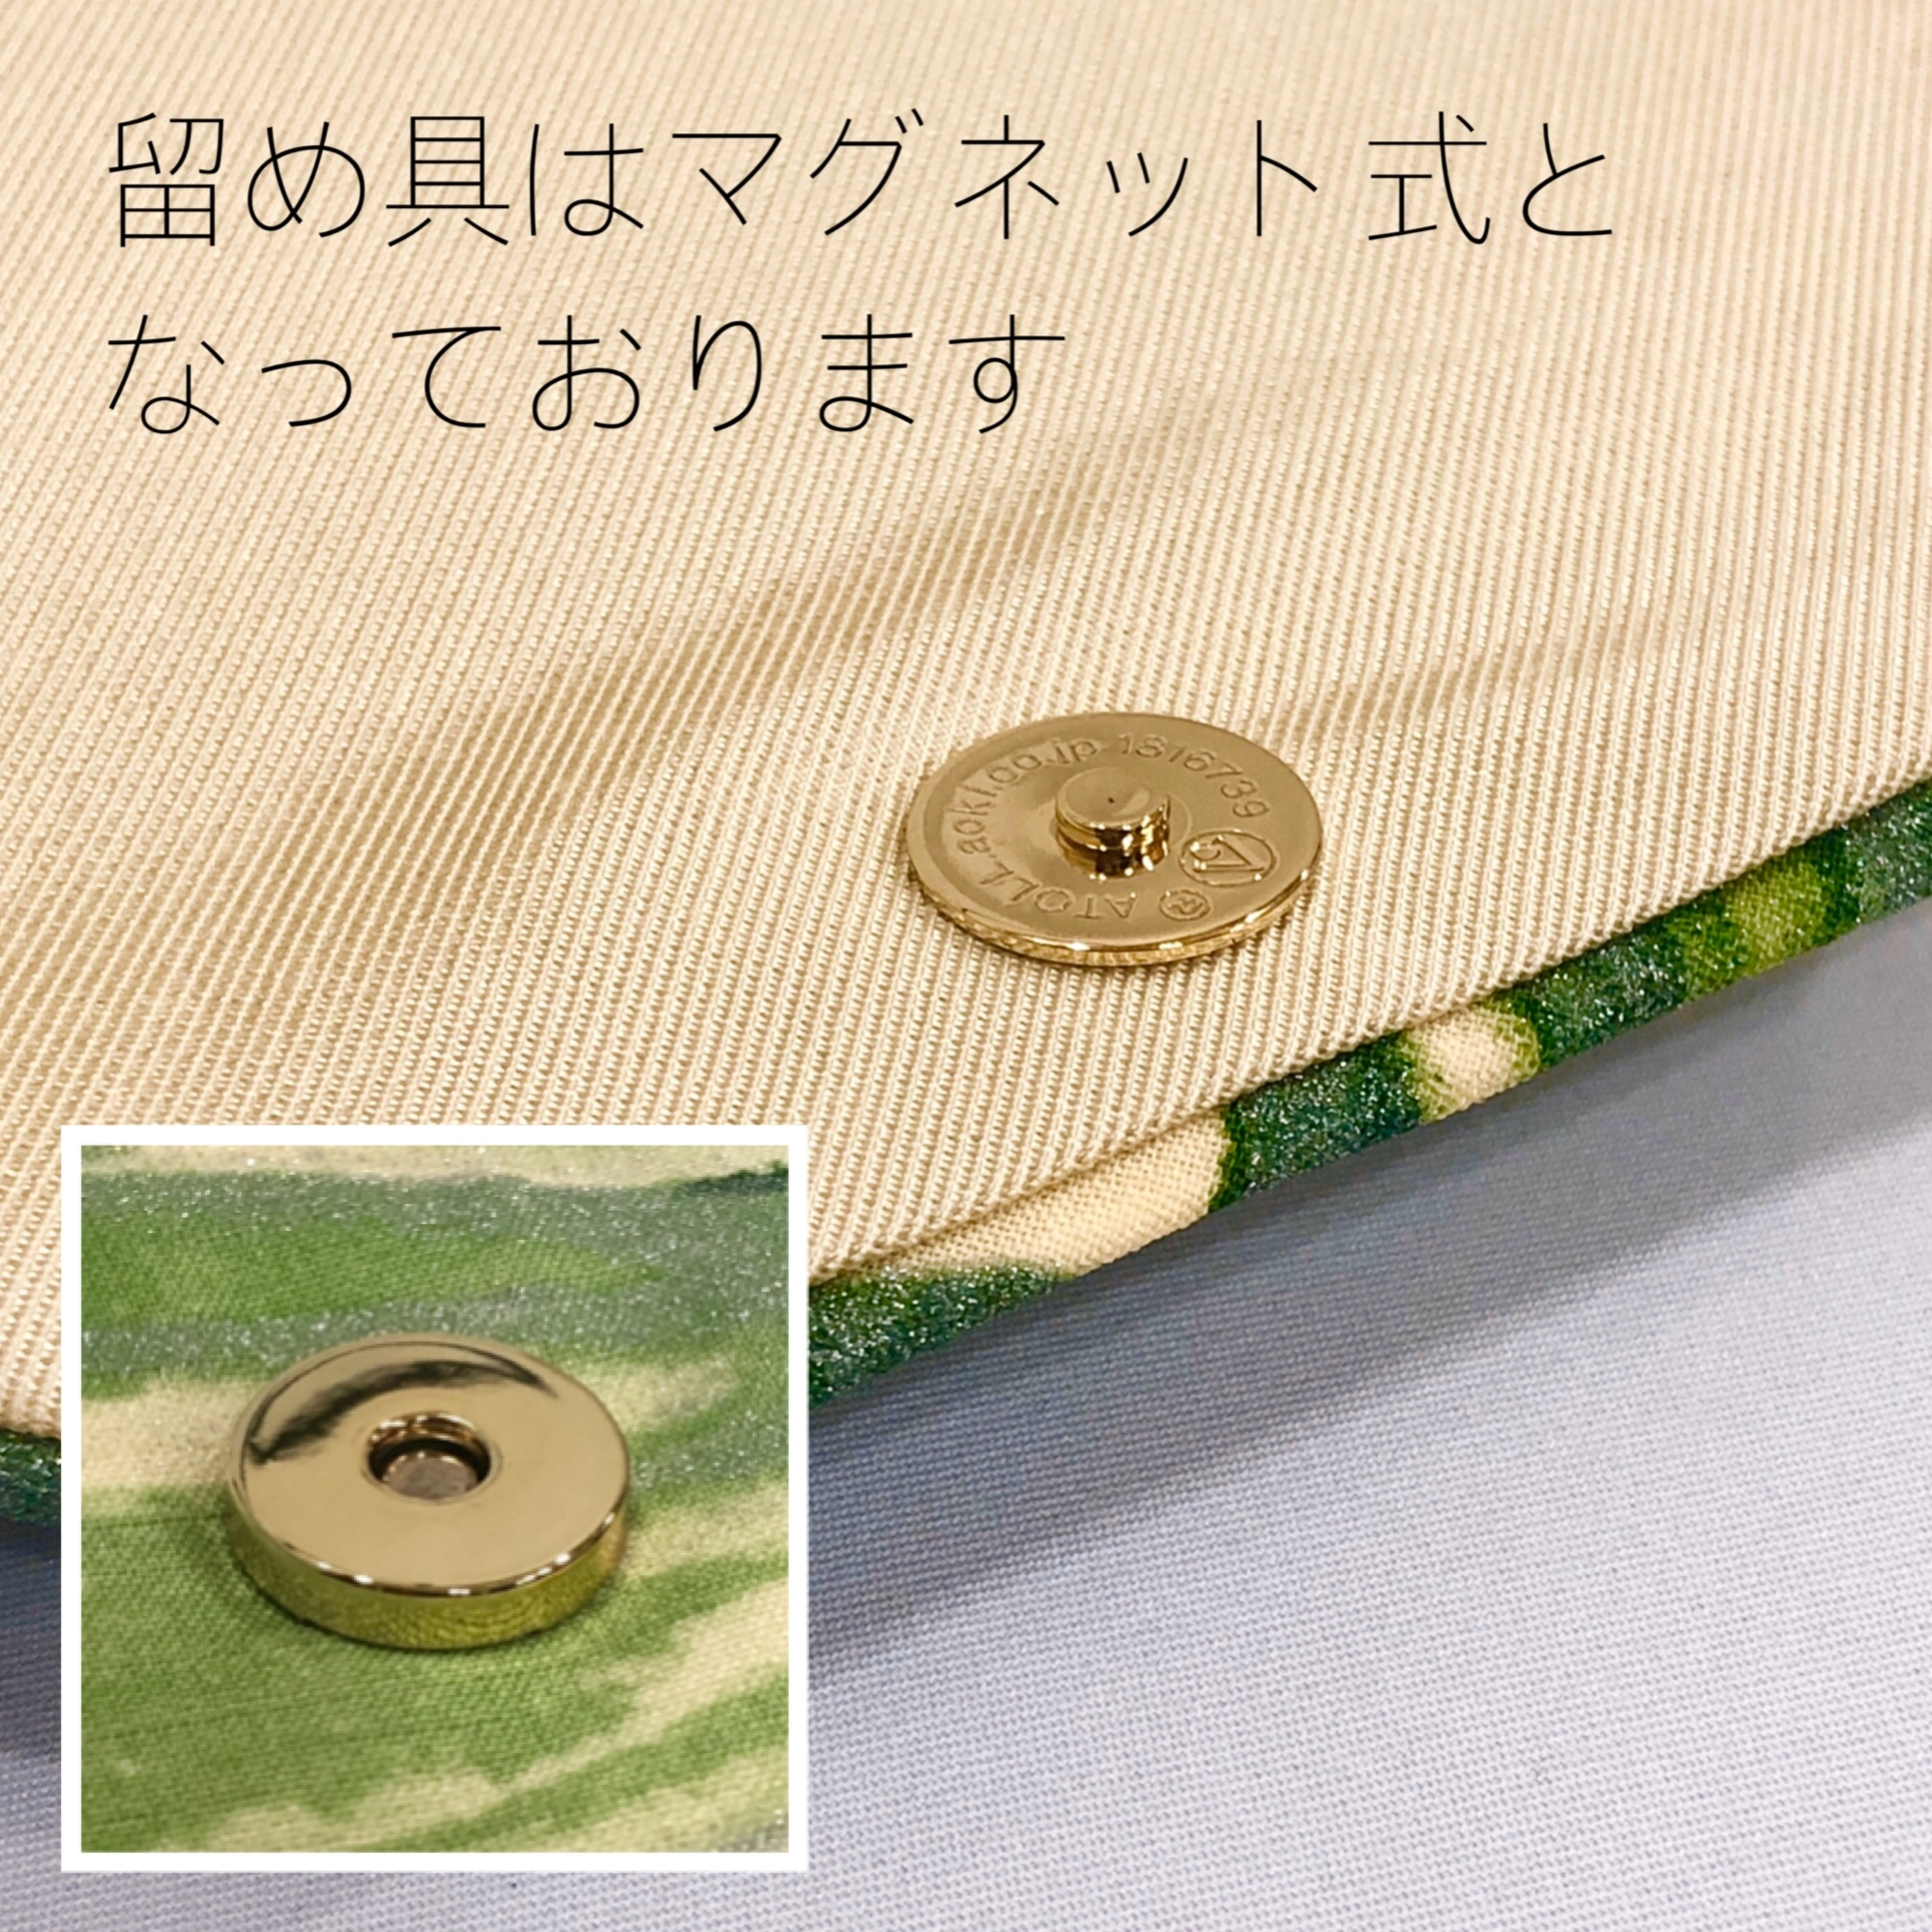 【限定品】数寄屋袋(京友禅・正倉院柄)